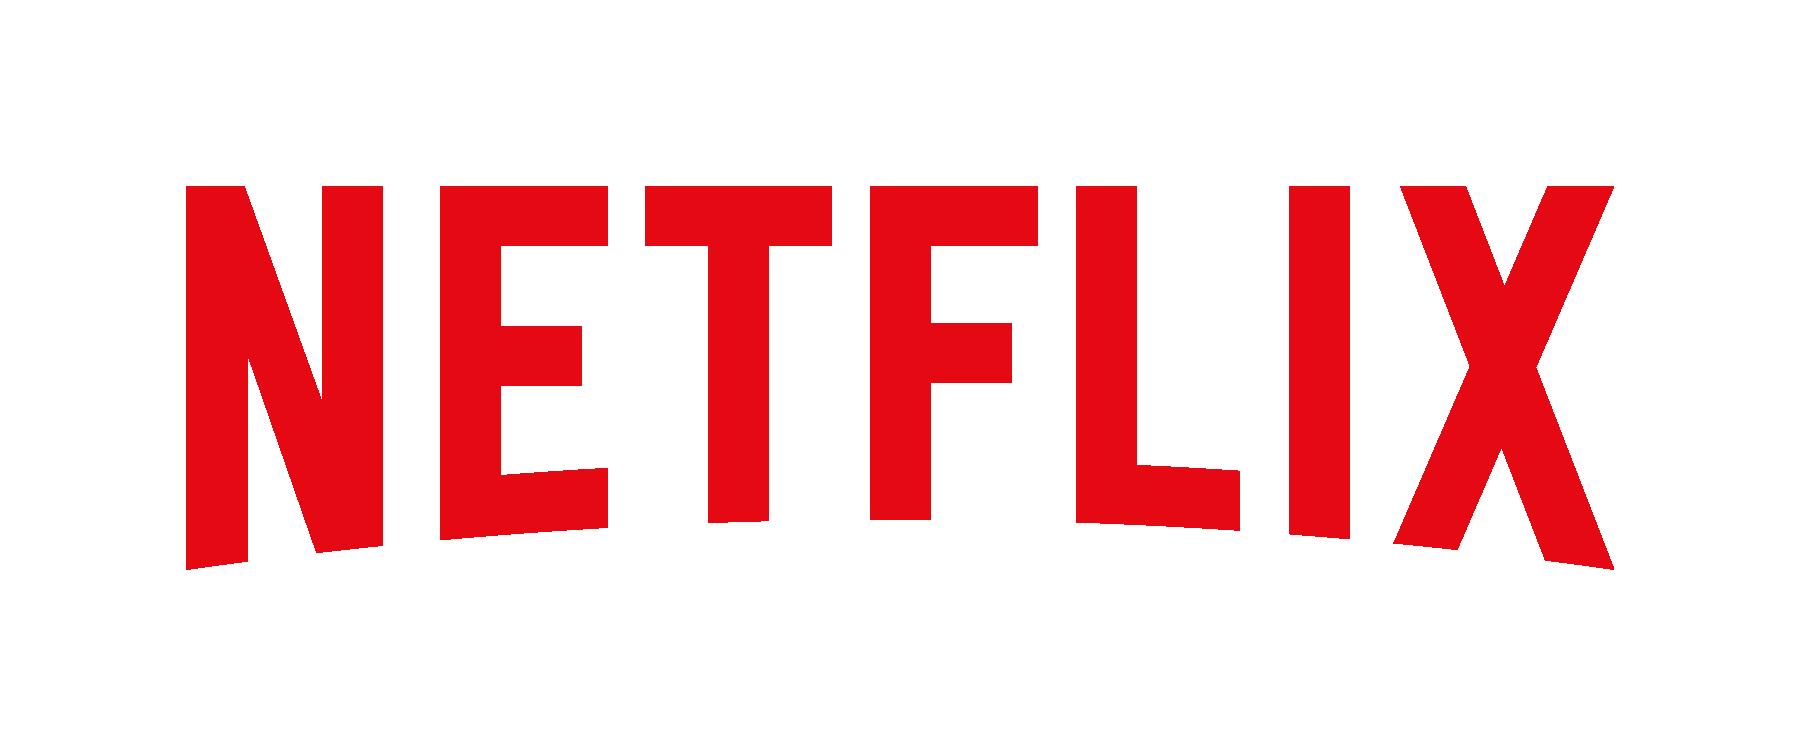 netfix ロゴ